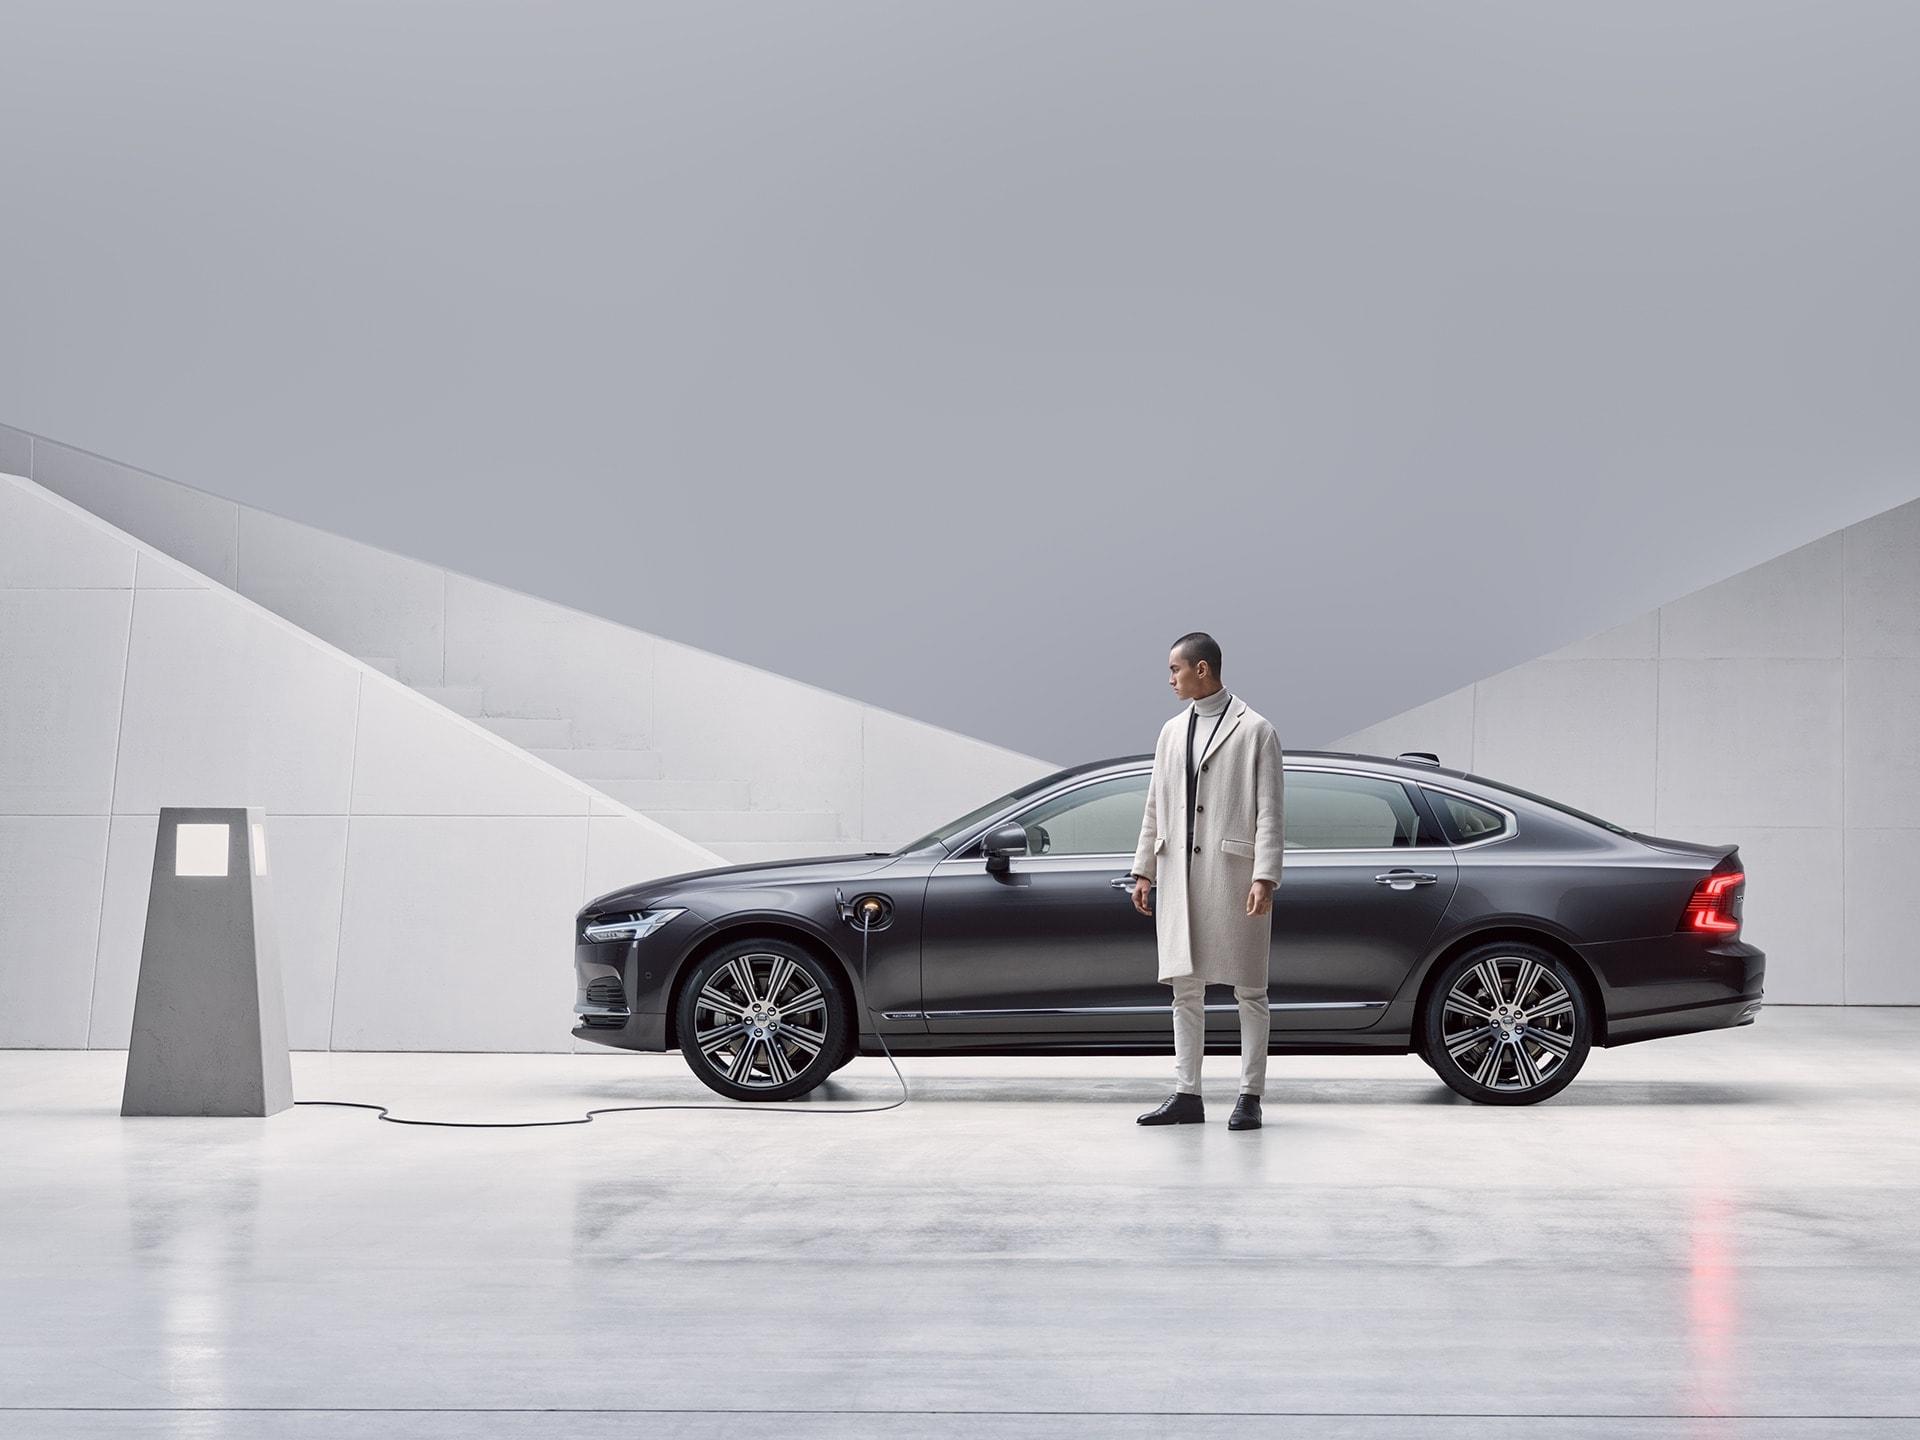 Kişi şarj olunan boz rəngli Volvo S90 Recharge avtomobilinin qarşısında dayanıb.